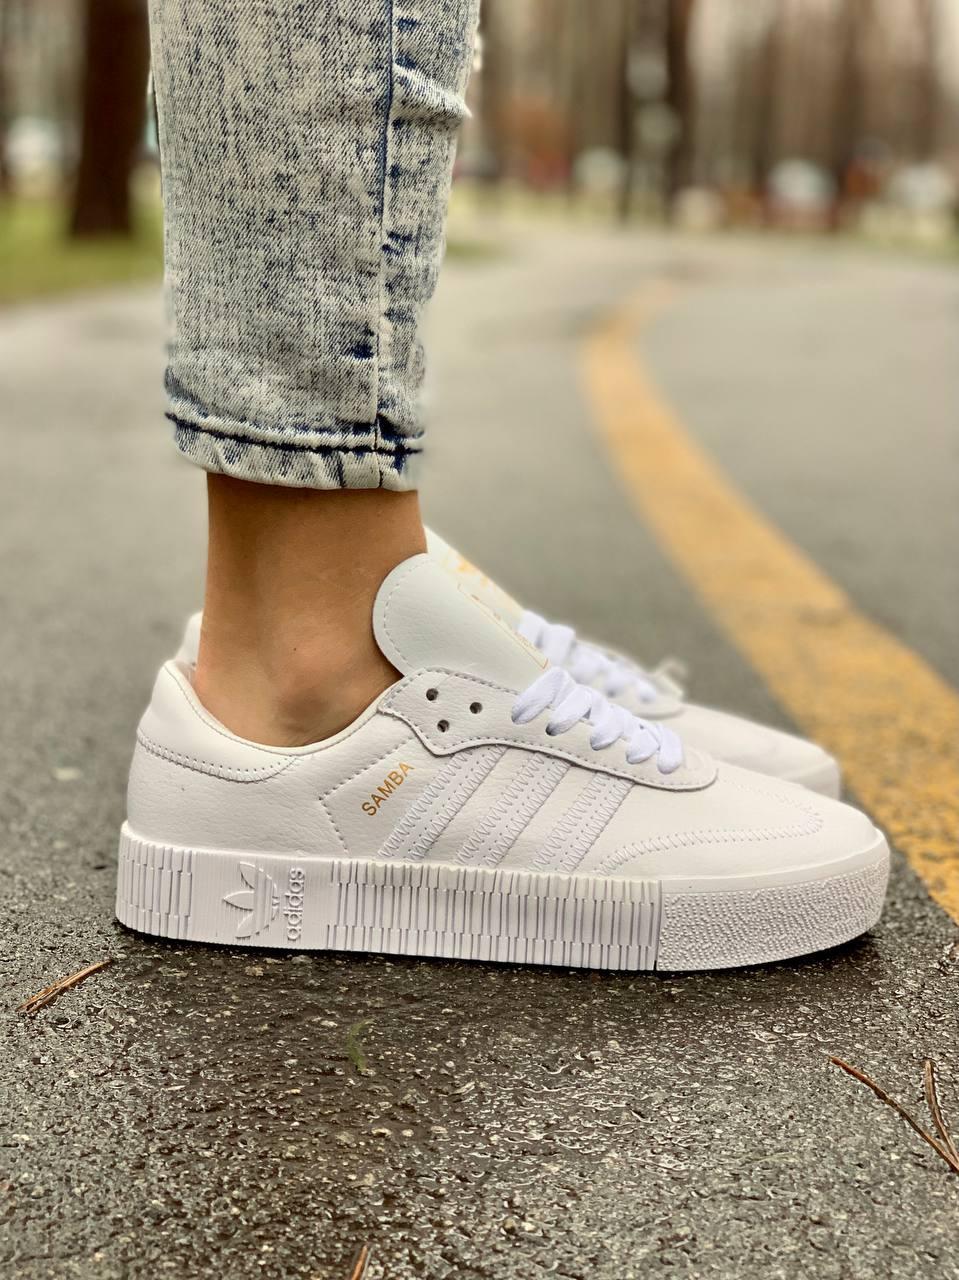 Женские кожаные кроссовки Adidas Samba White Leather белого цвета